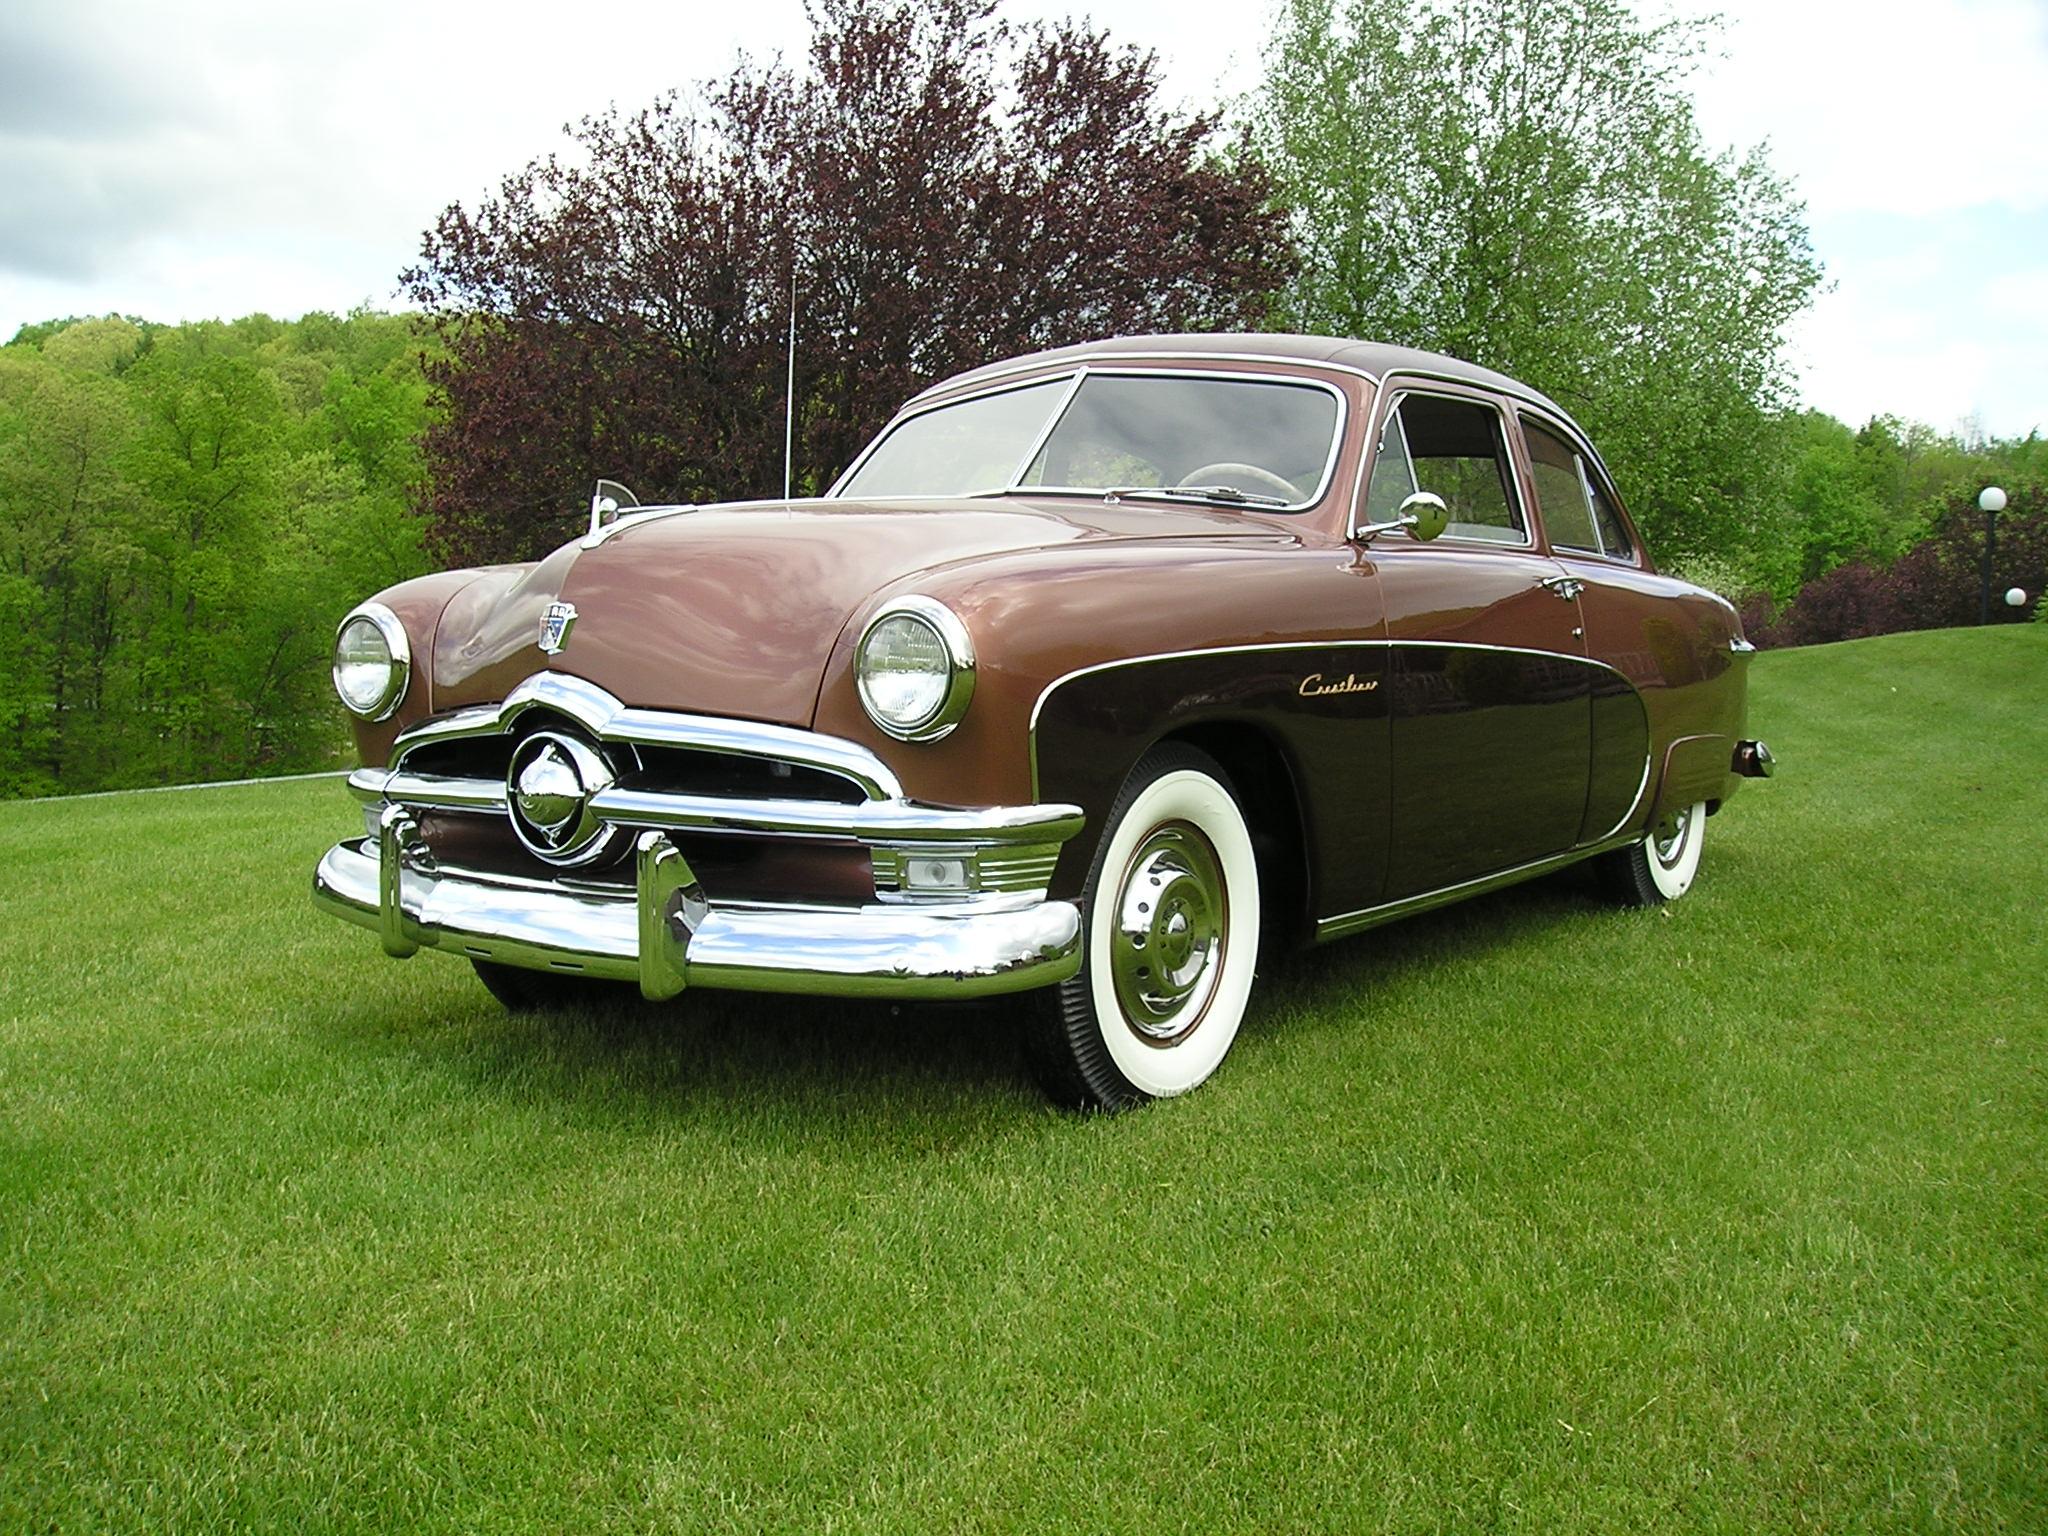 1950 Ford Crestliner 2 Door Sedan - Completely Restored ...1950s Cars For Sale Pa